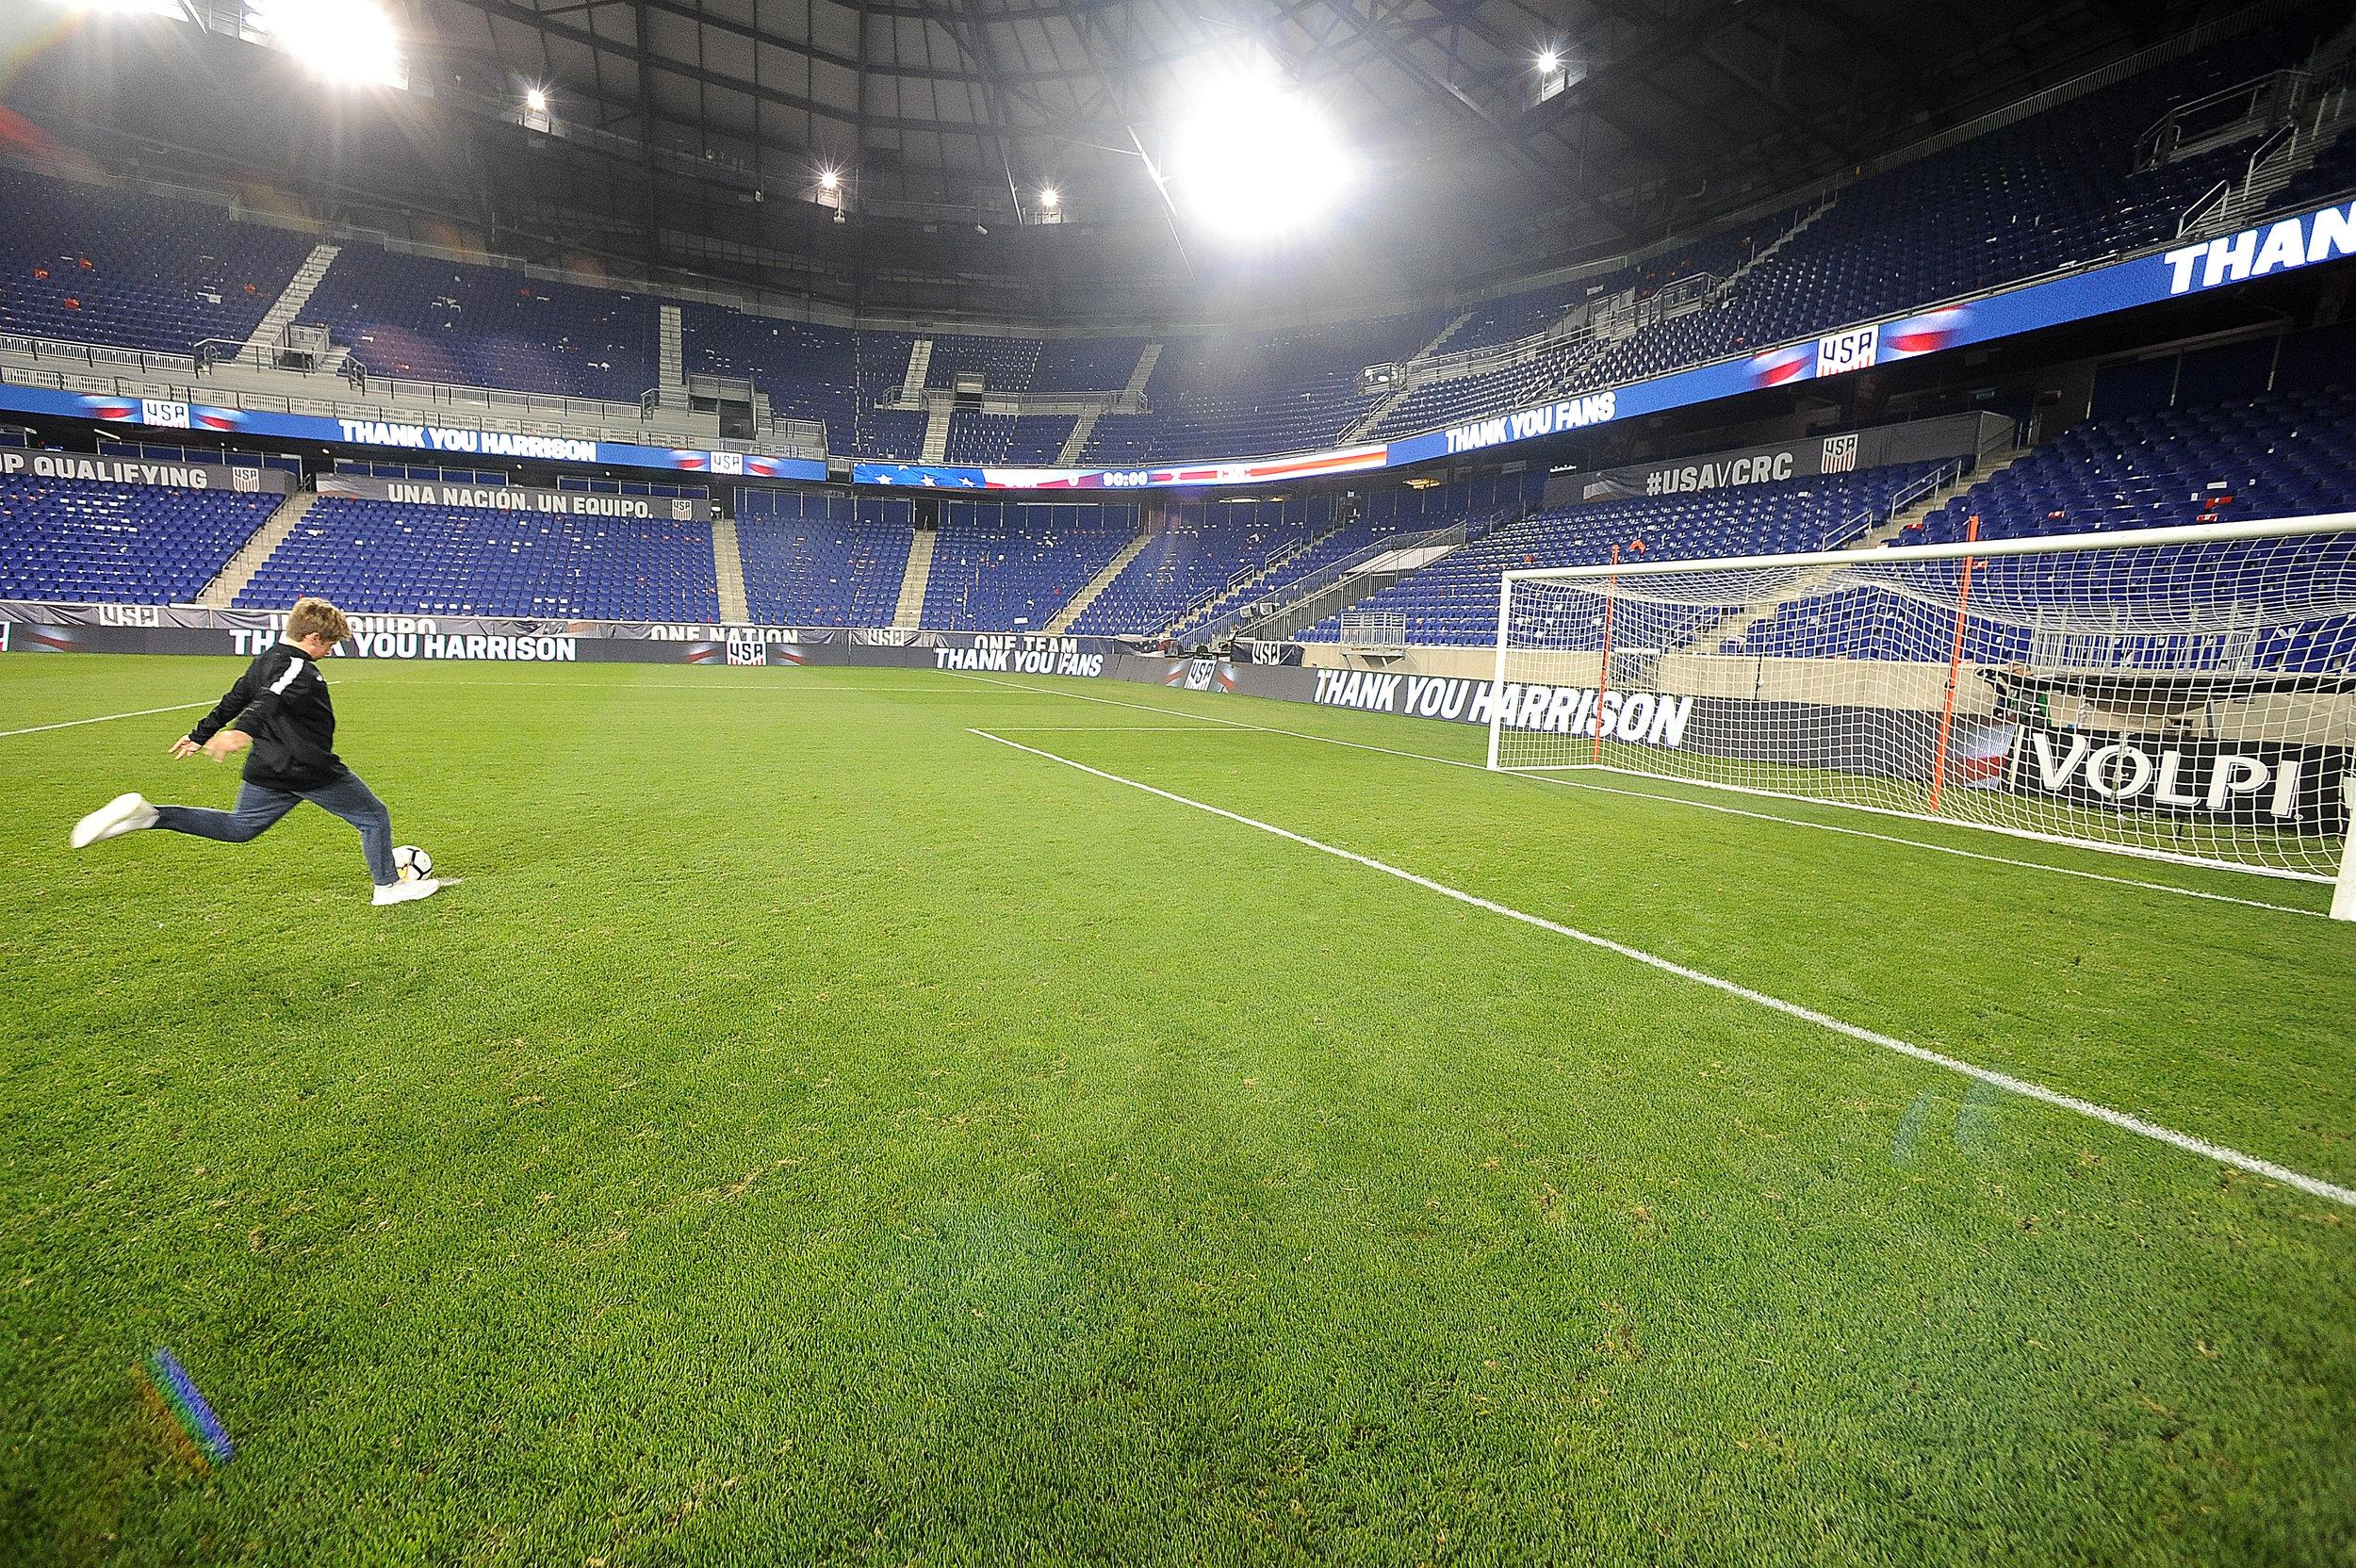 us_soccer_images_044_2.jpg